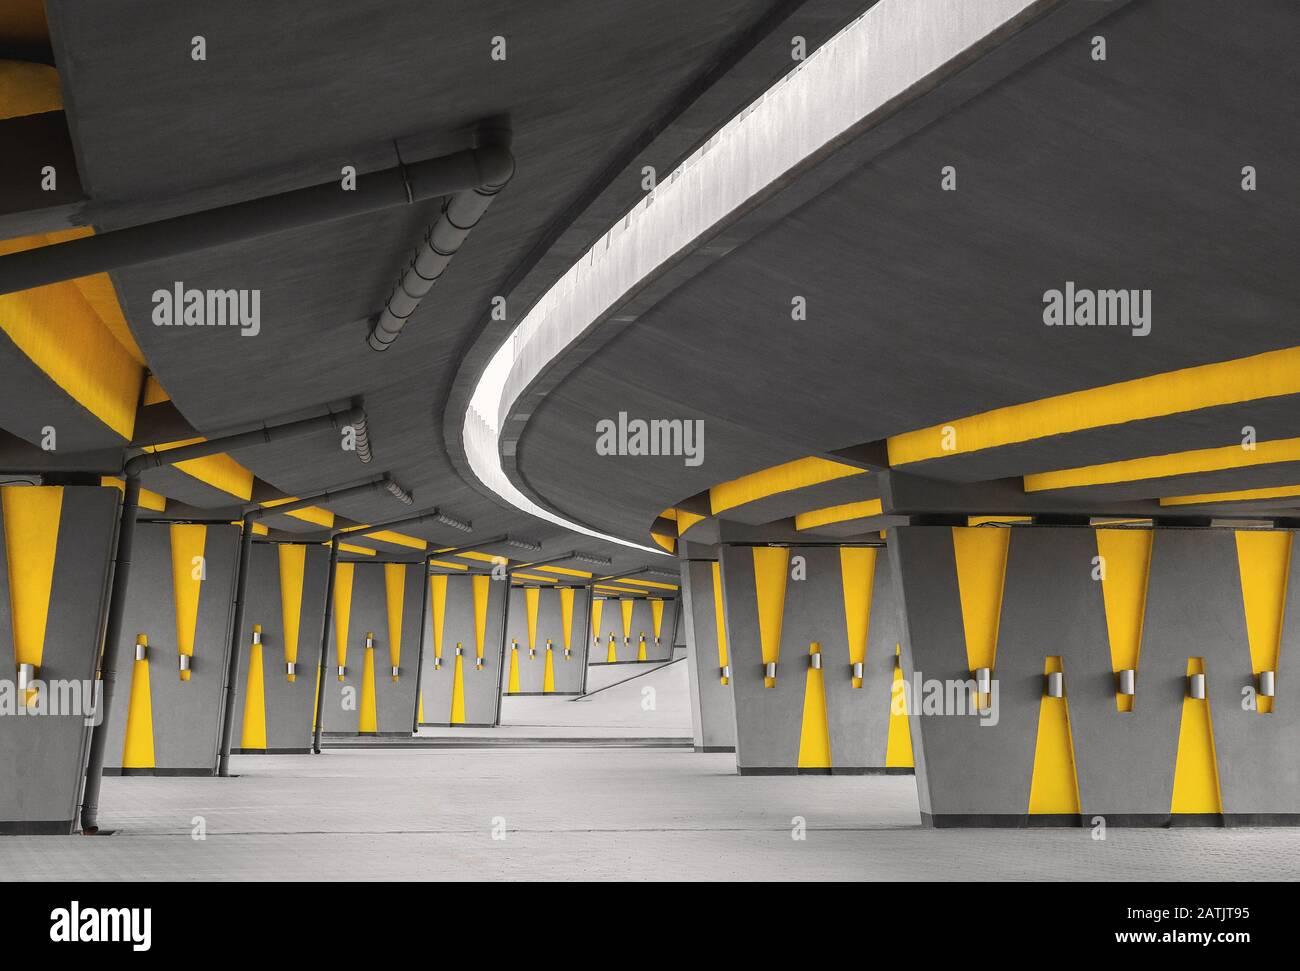 Característica arquitectónica con calle vacía bajo puente de automoción, perspectiva urbana y punto de fuga, infraestructura moderna de la ciudad Foto de stock